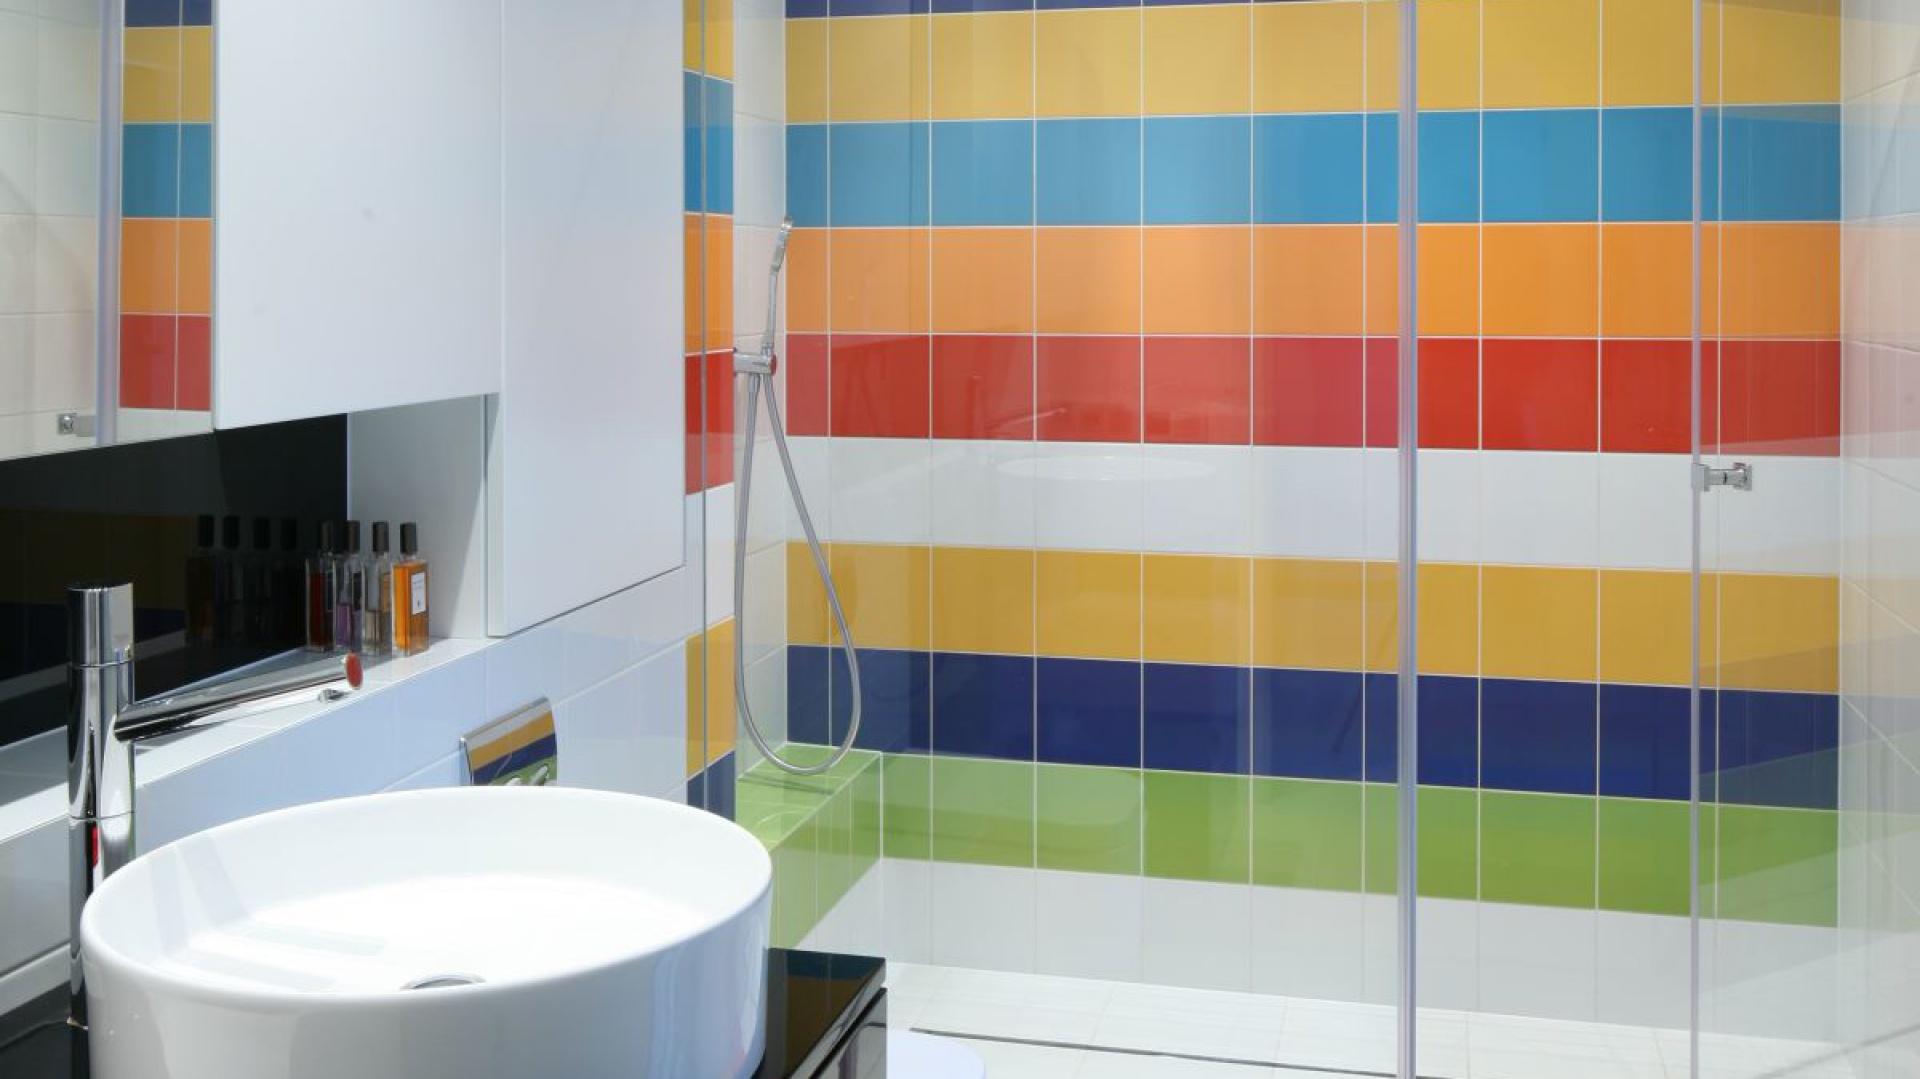 Kolor W łazience Piękne Aranżacje Z Polskich Domów